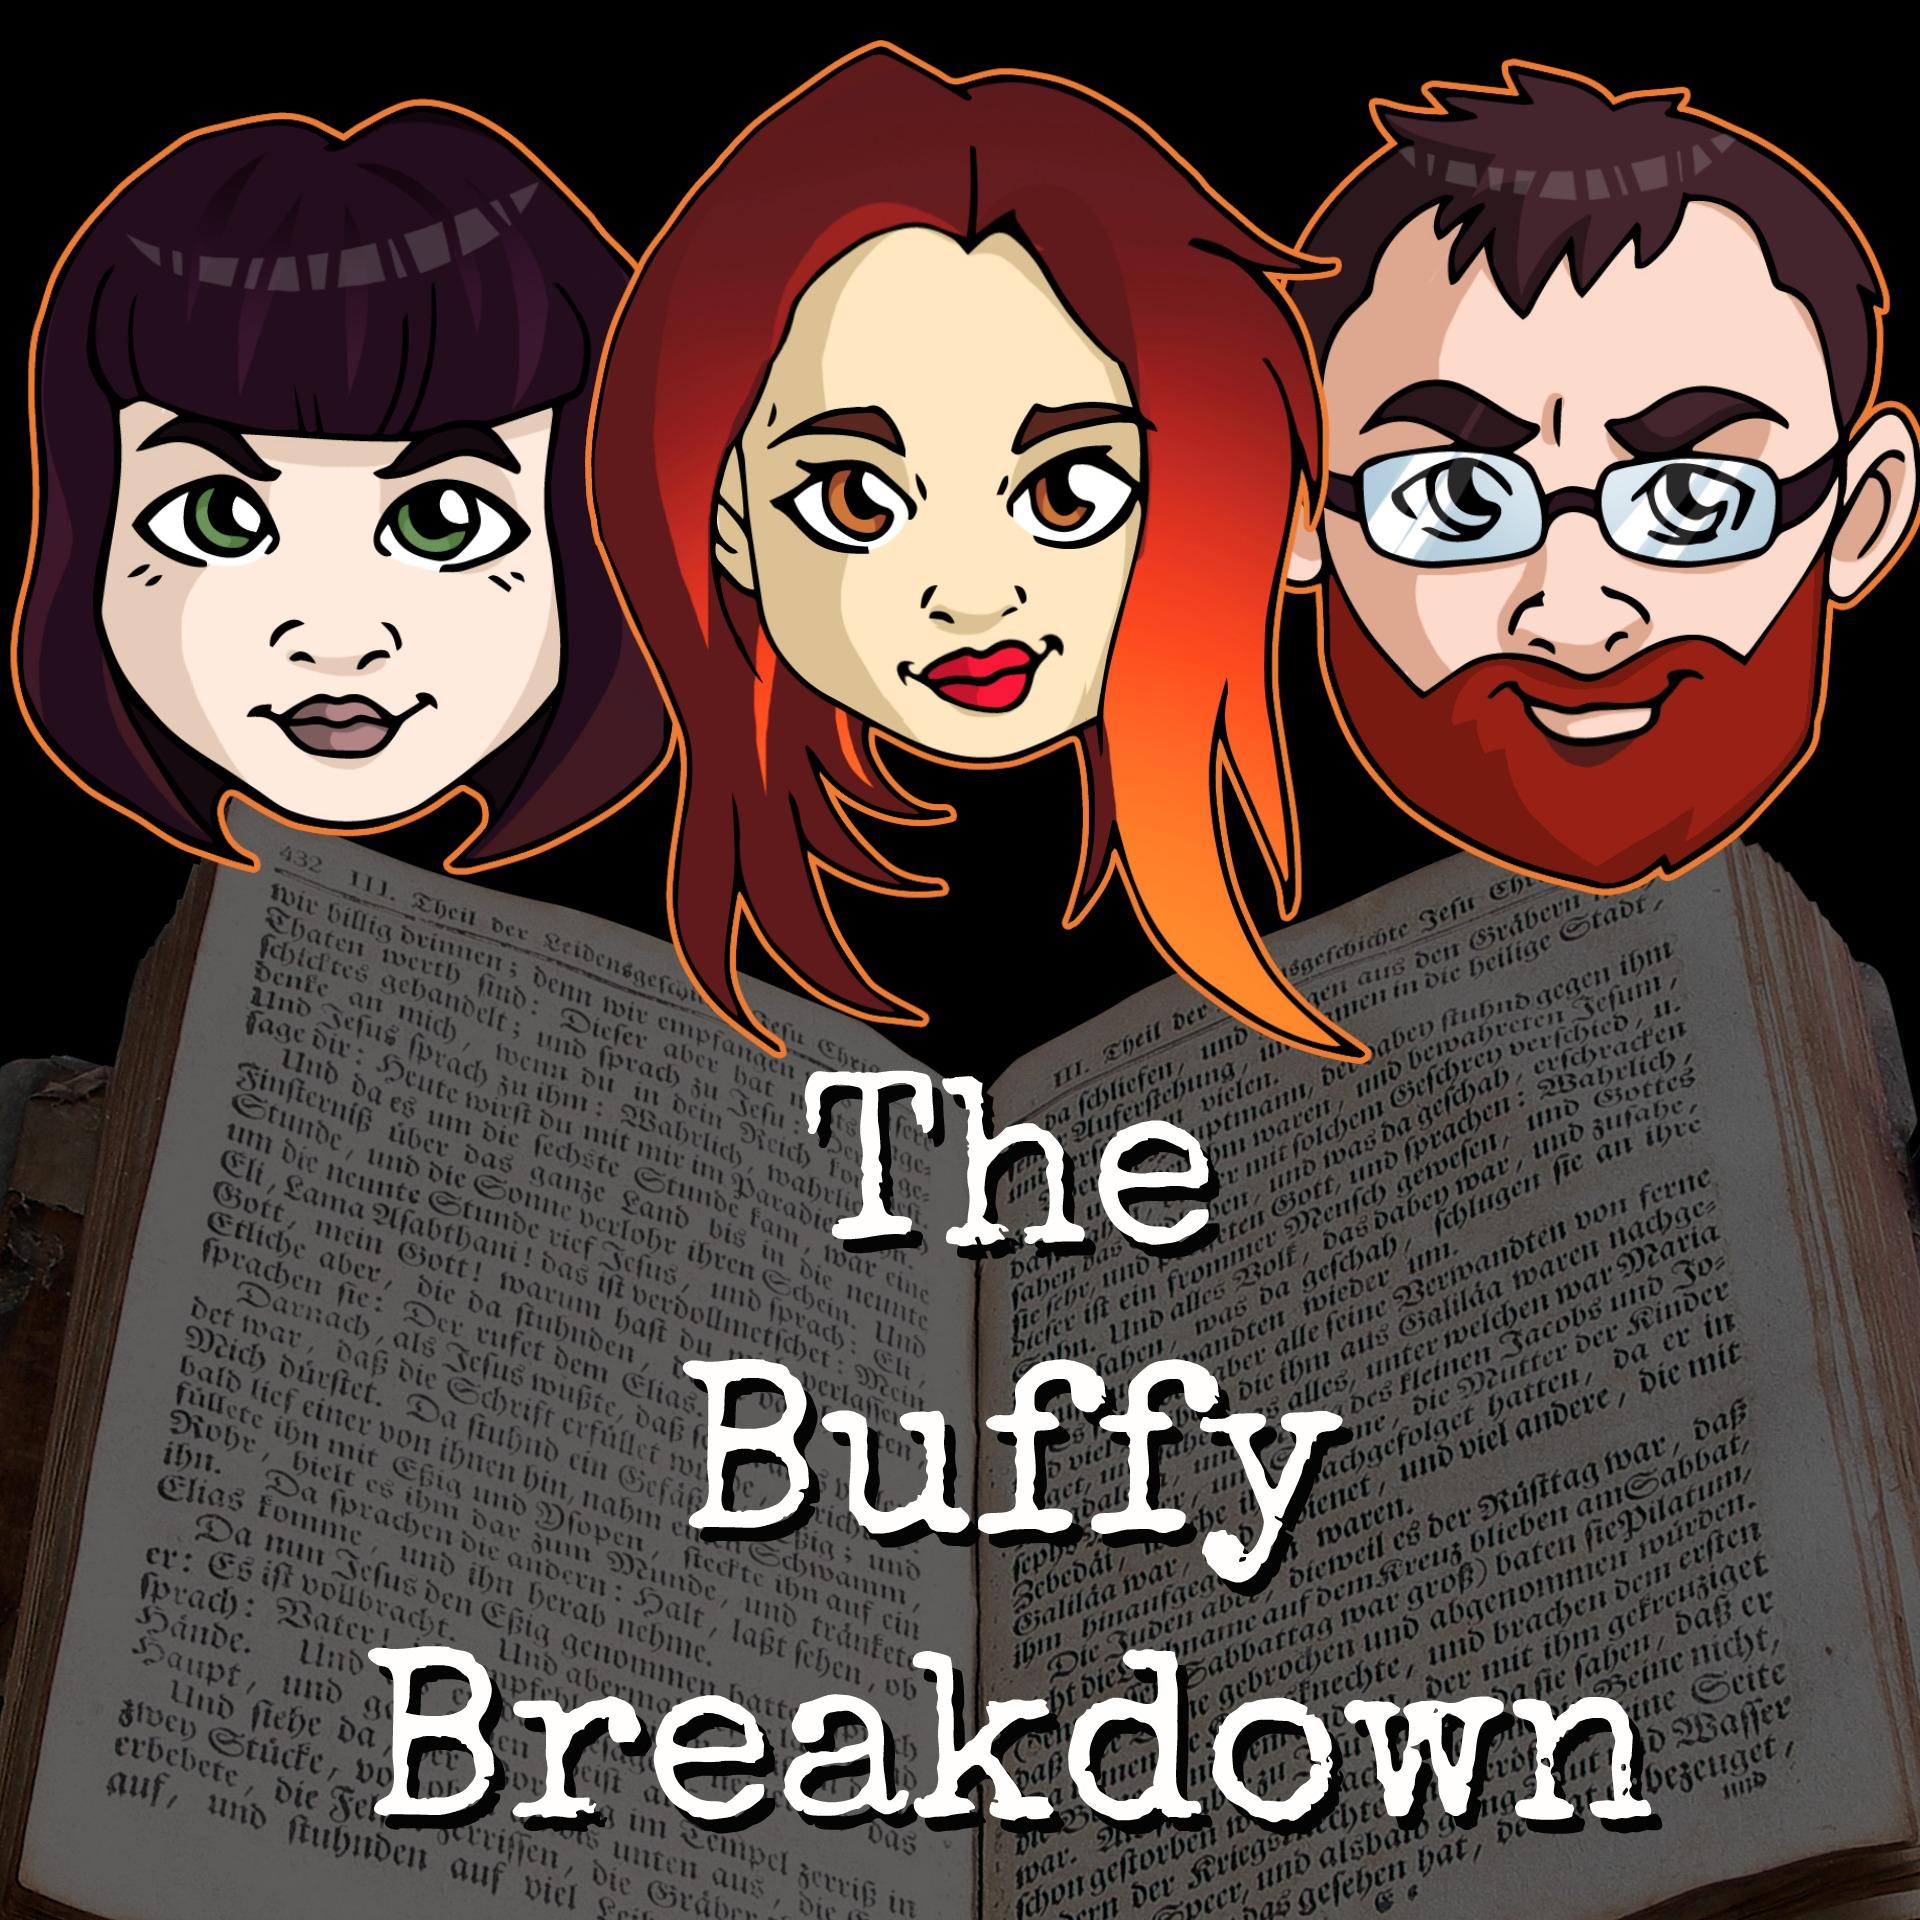 Buffy Breakdown Art.jpg